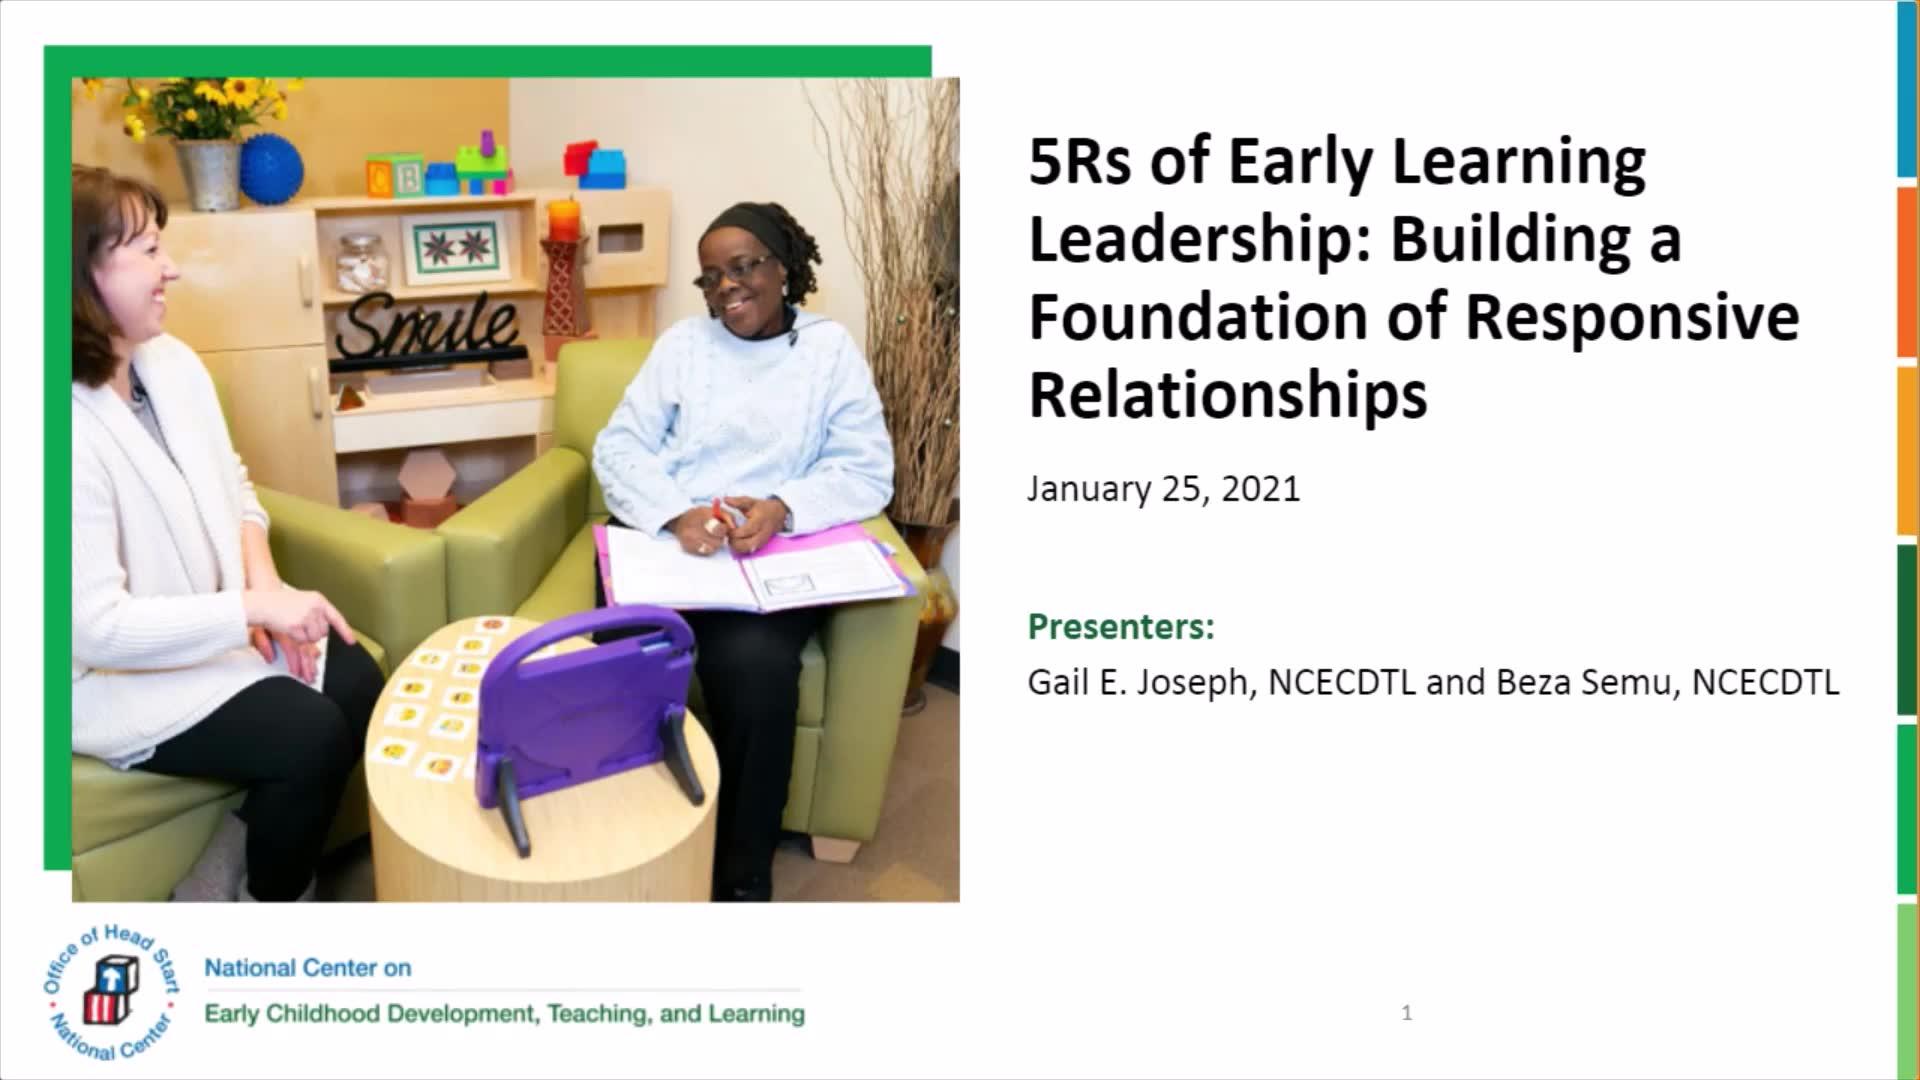 Las 5 erres del liderazgo en el aprendizaje temprano: Creación de una base de relaciones receptivas